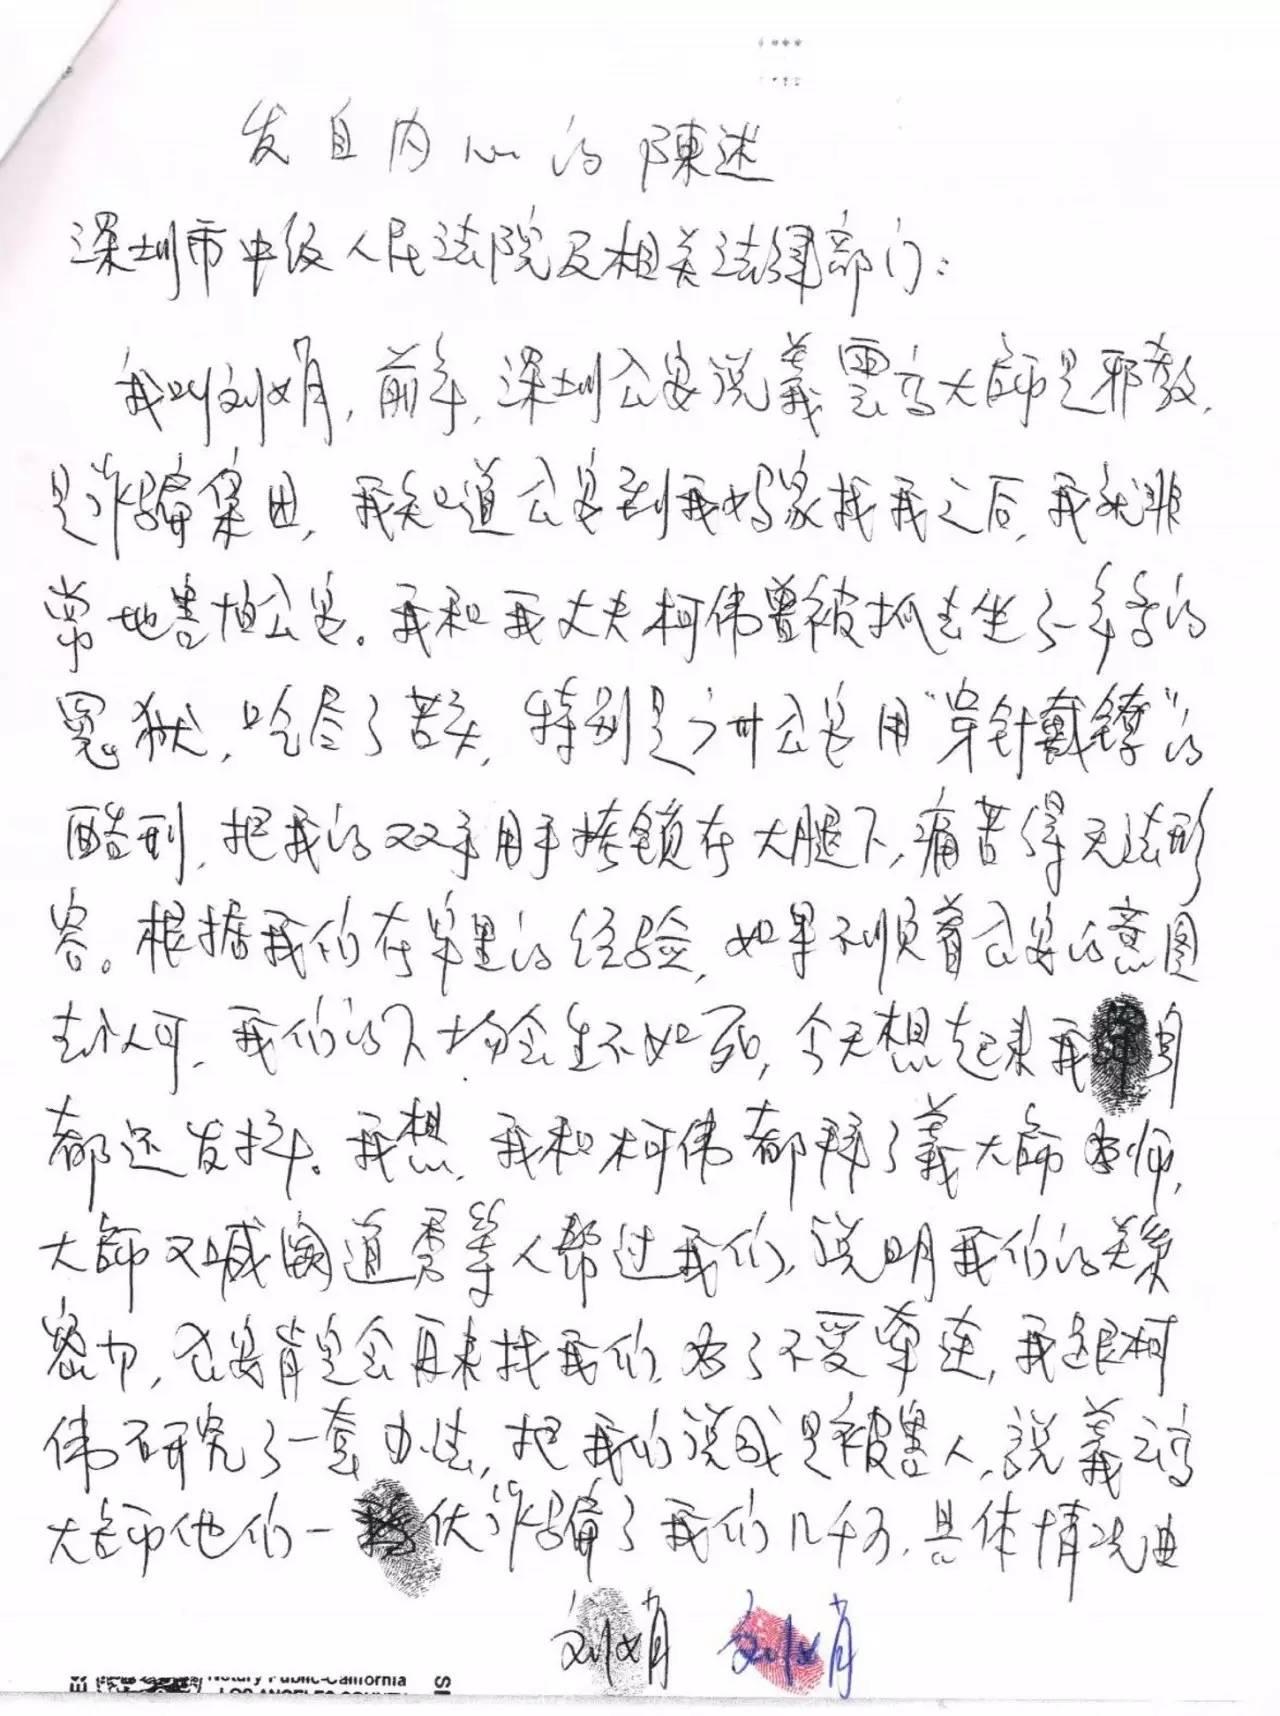 周永康陈绍基陷害第三世多杰羌佛真相曝光 第15张